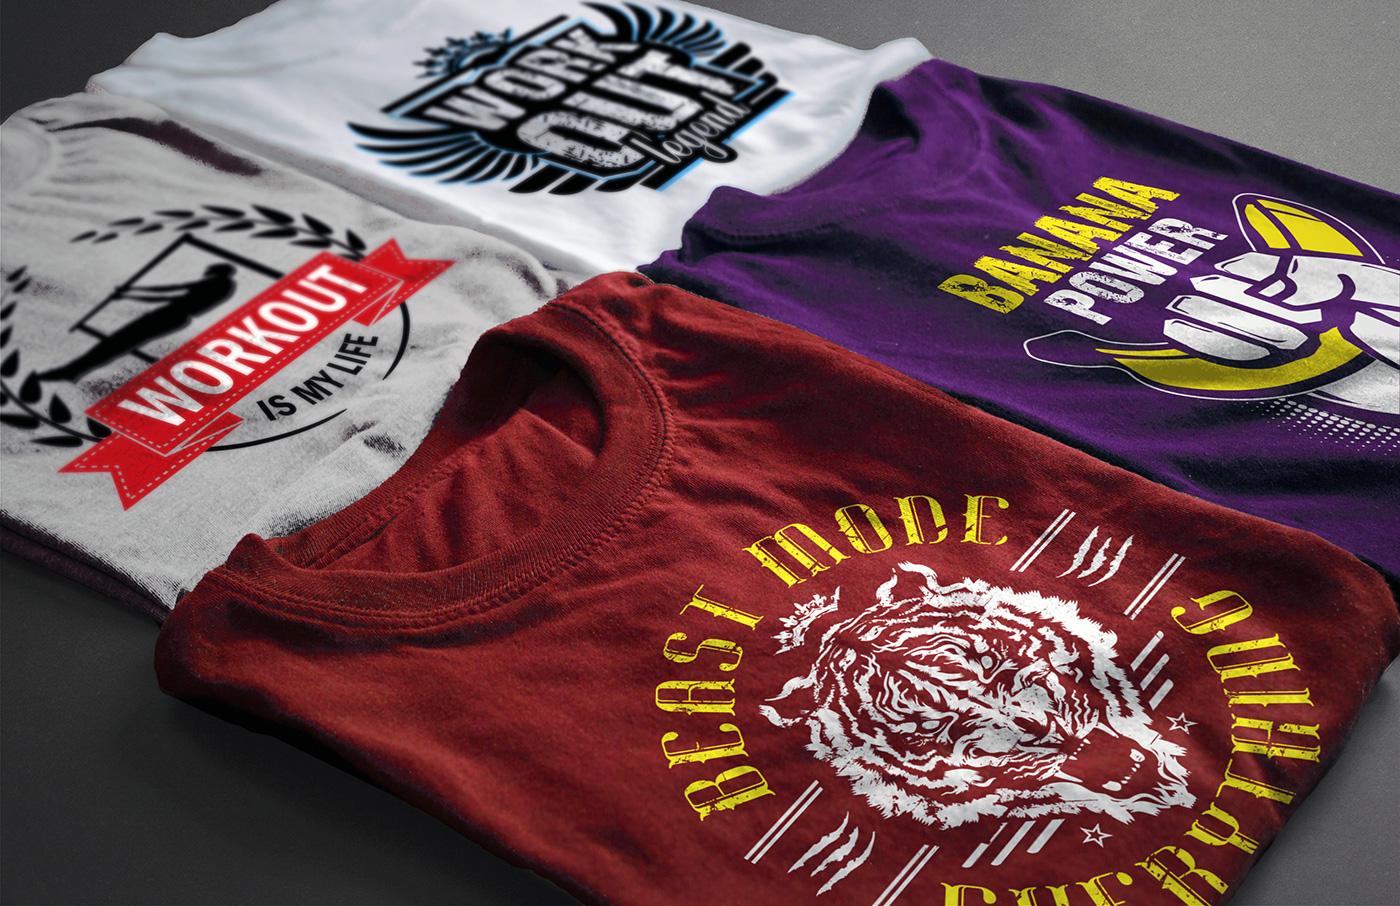 Další sada triček z novější rady putuje do světa zviditelnit další bojovníky - dobrý výběr